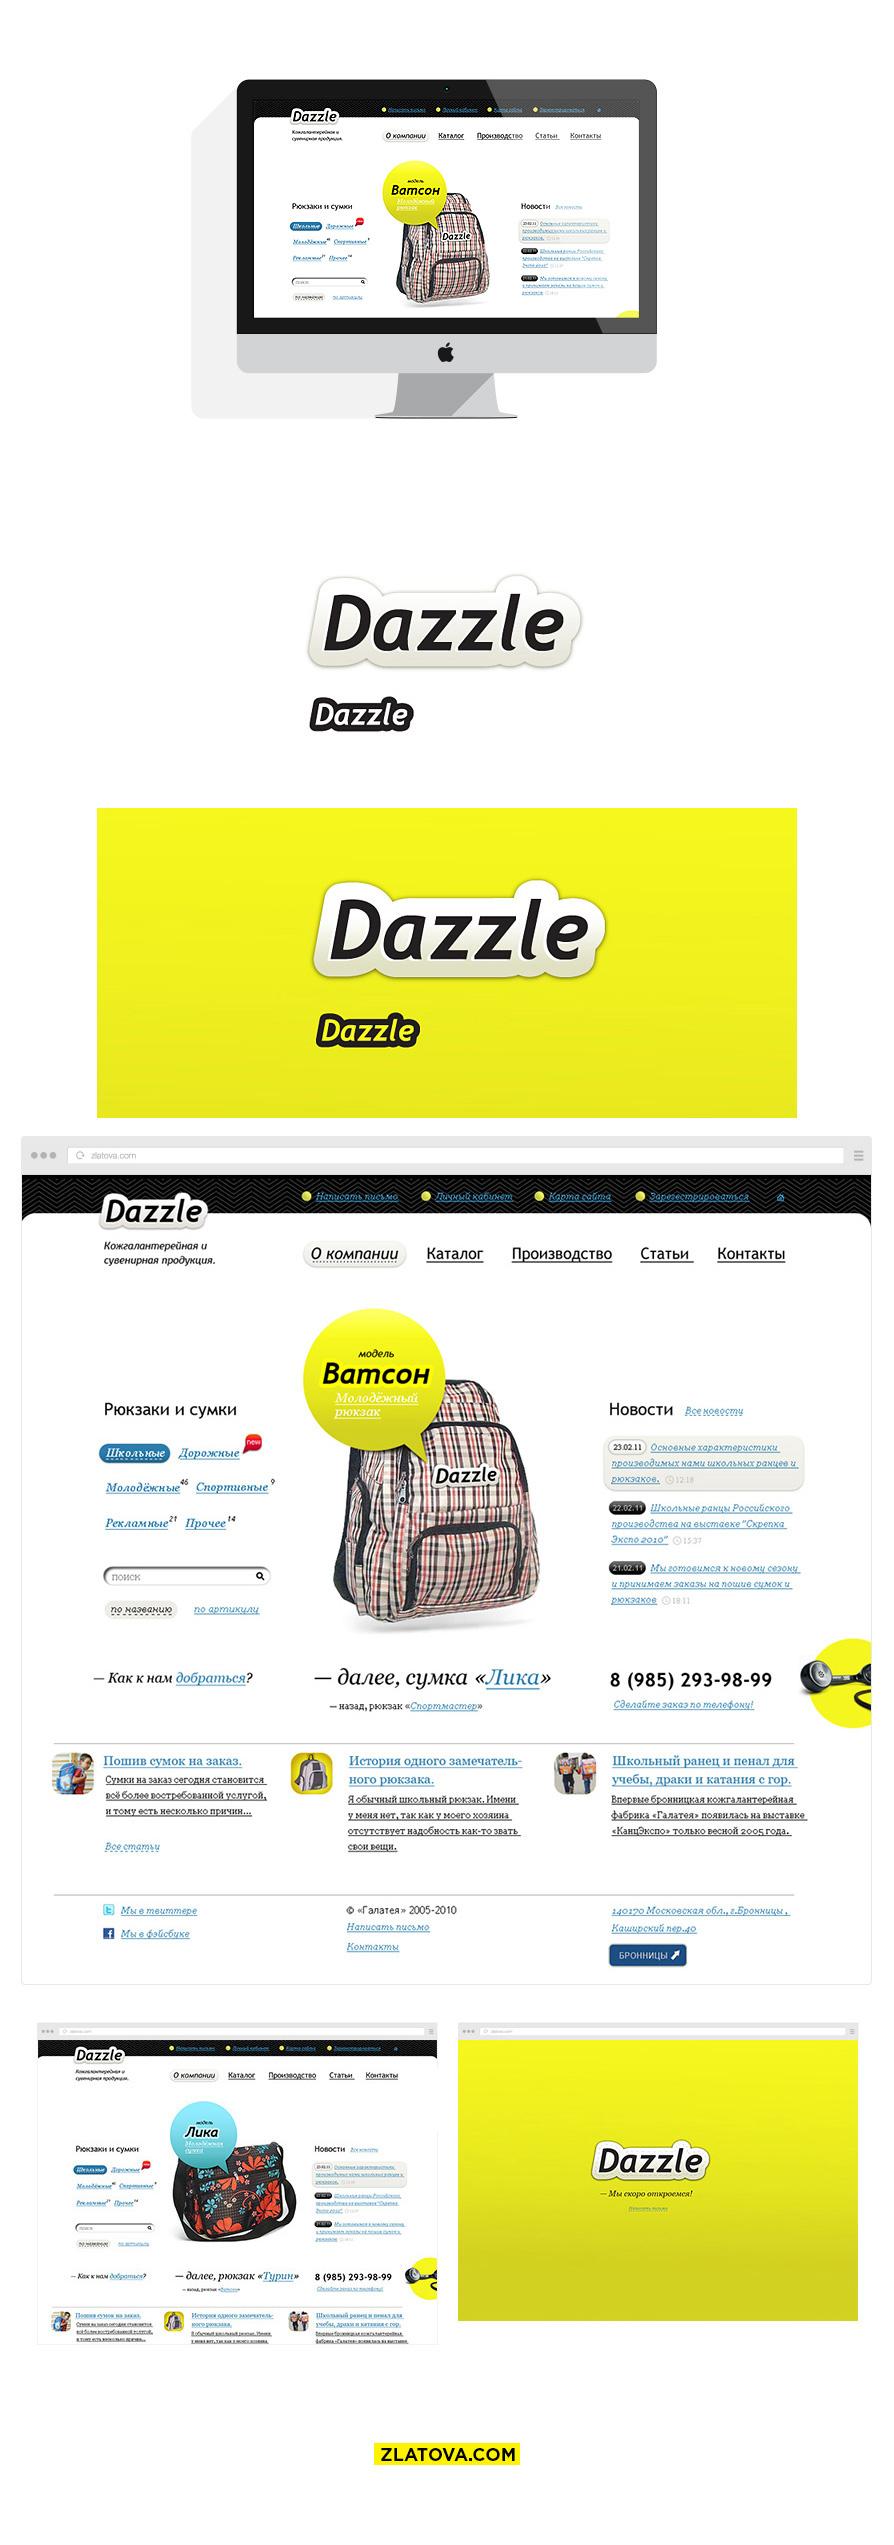 Dazzle — кожгалантерейная продукция